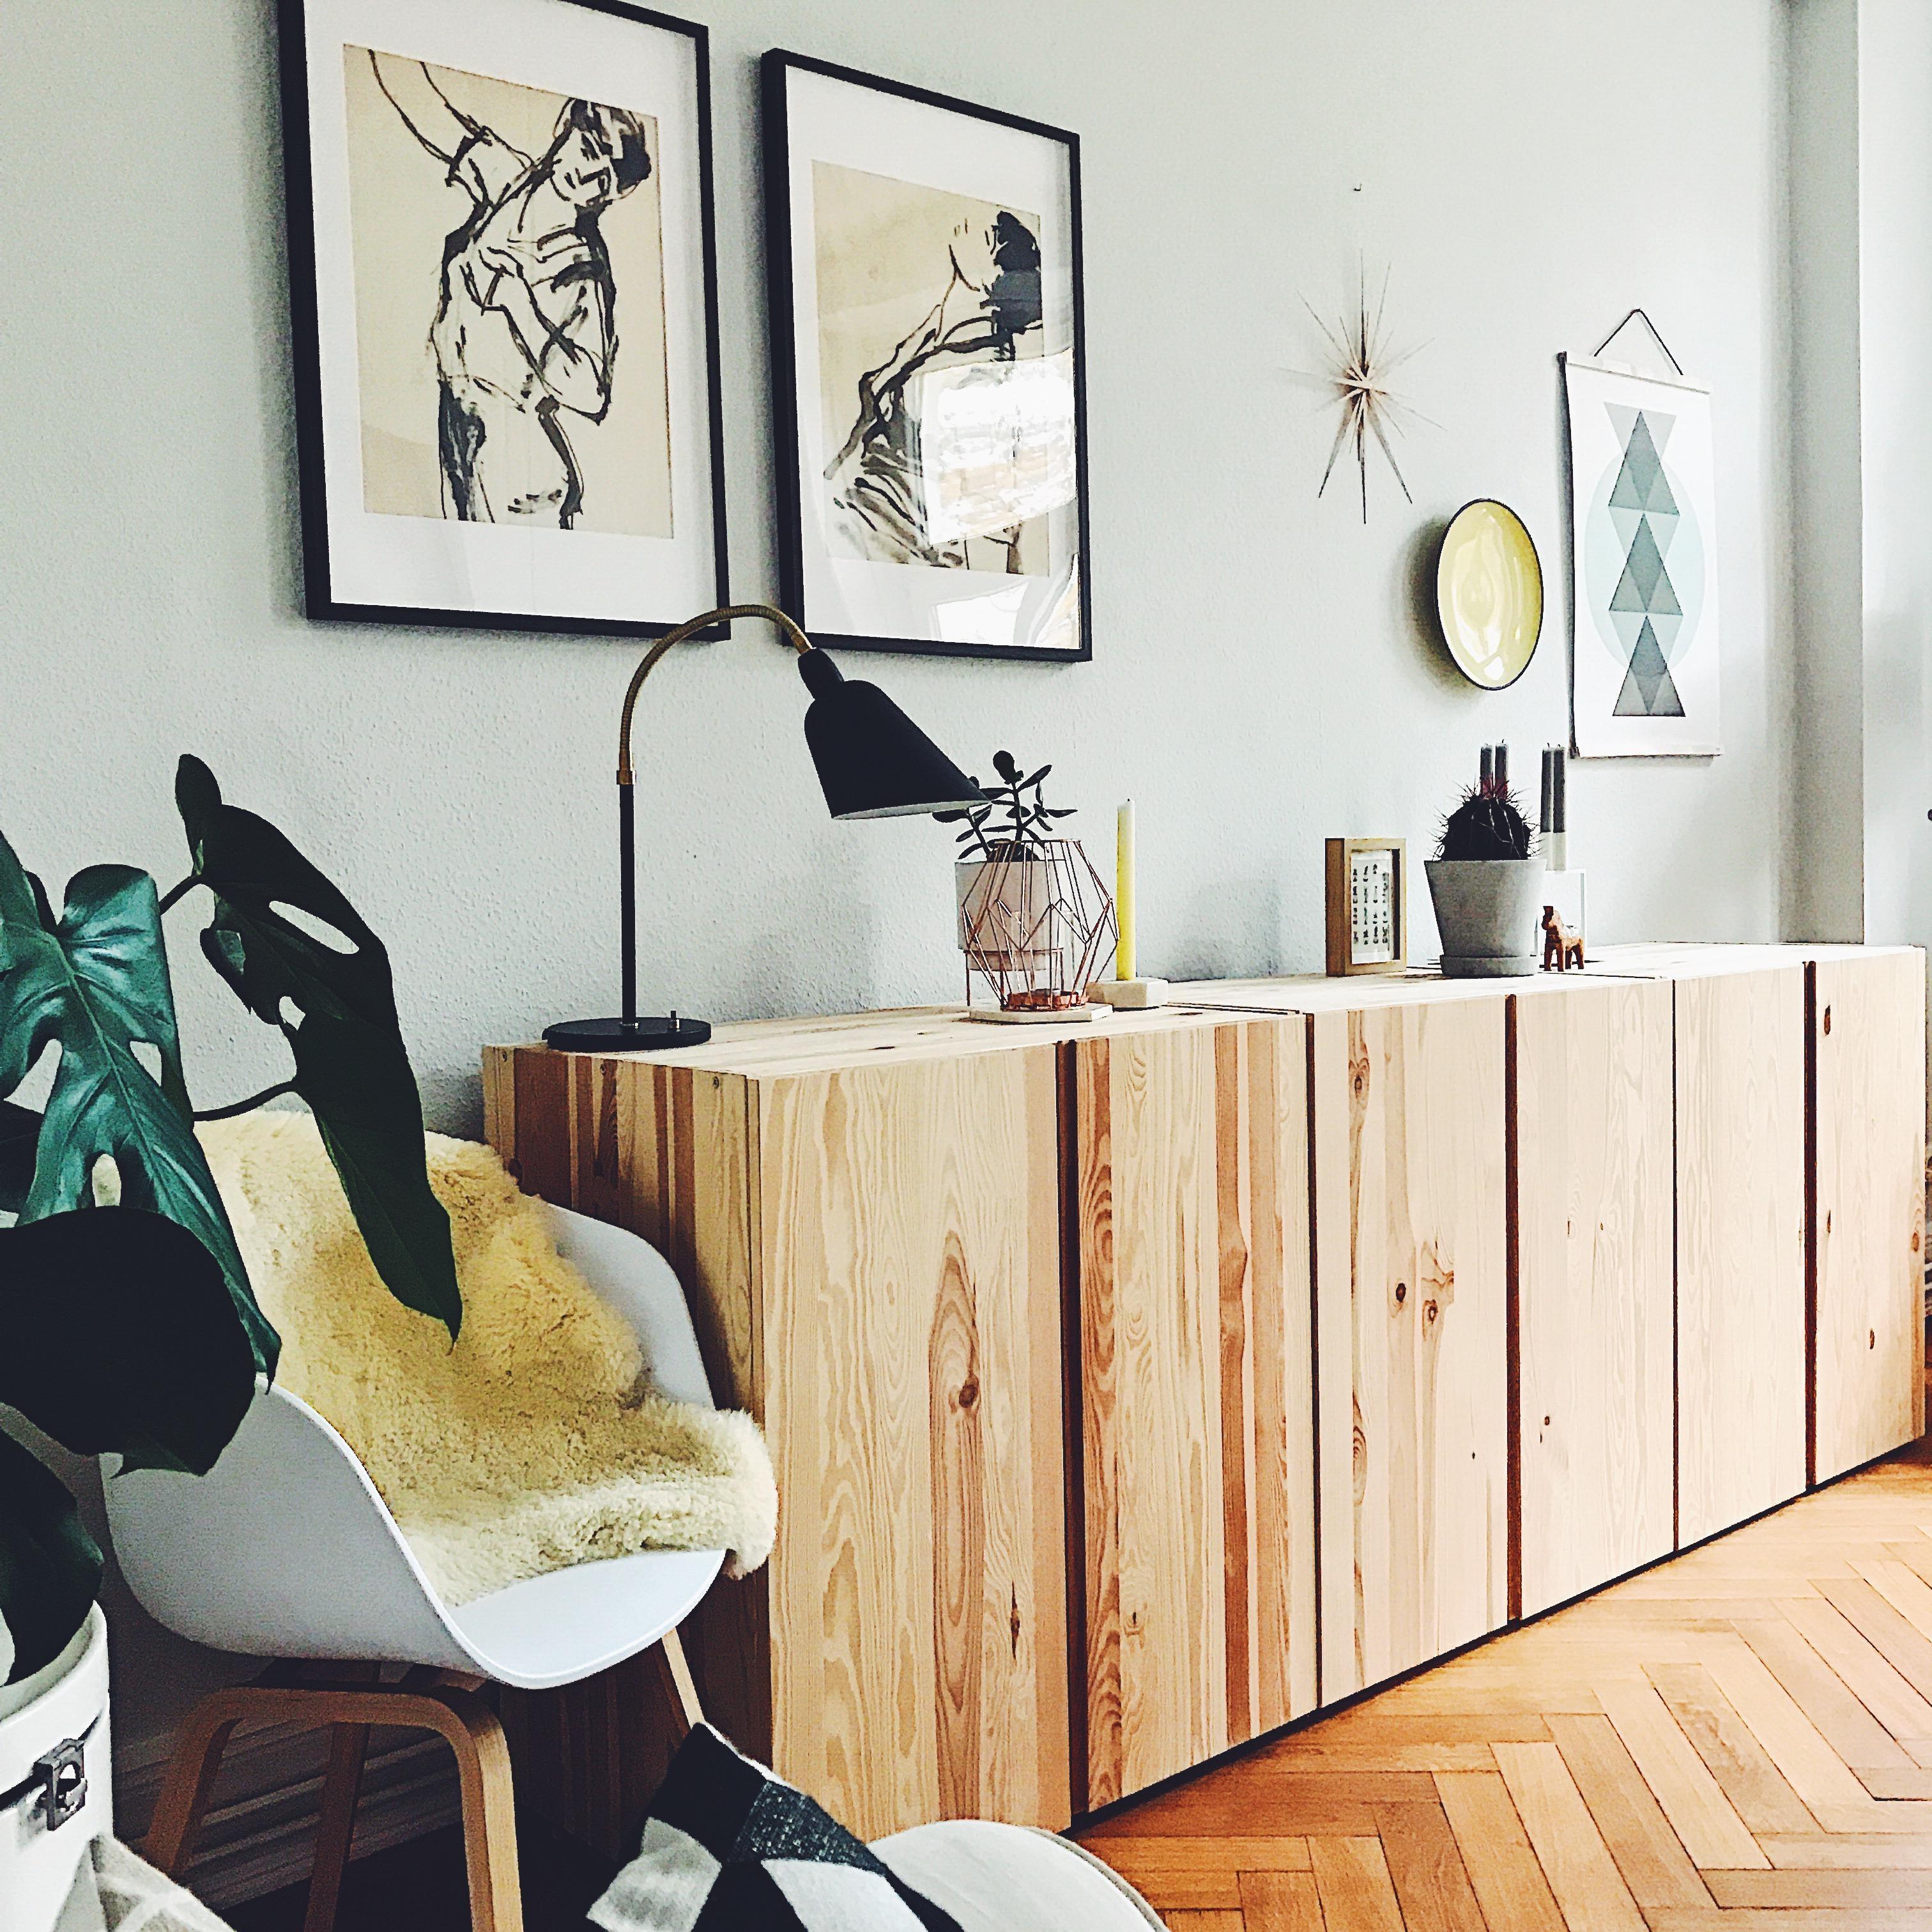 terrasse dekorieren bilder ideen couch. Black Bedroom Furniture Sets. Home Design Ideas